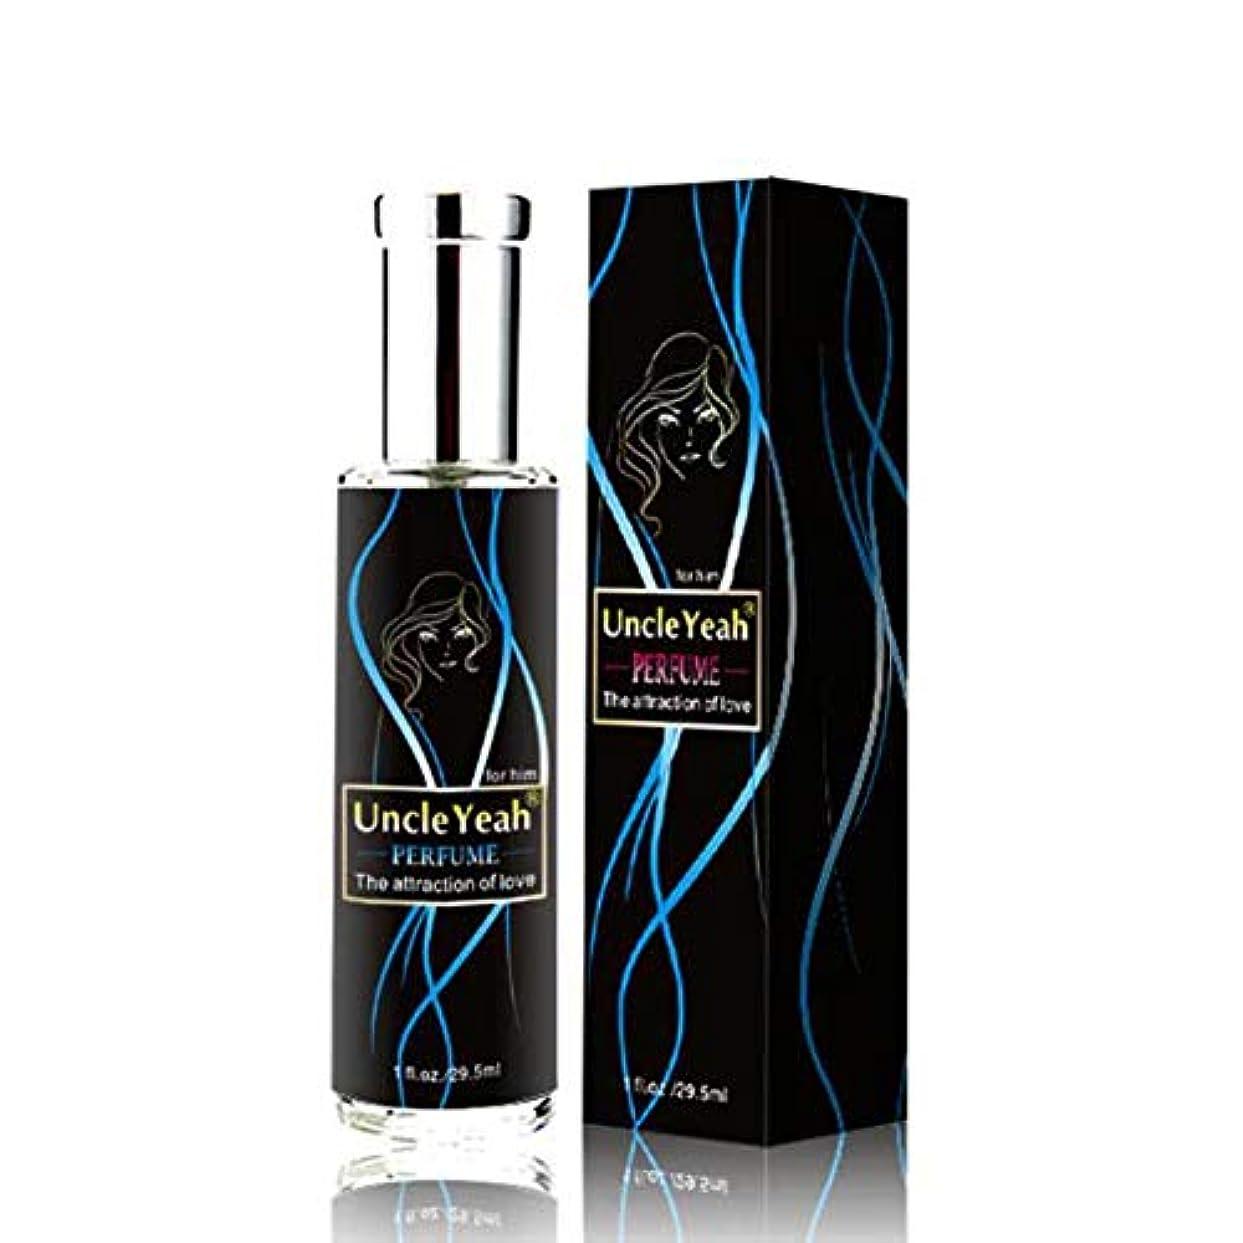 株式会社是正する上に築きますMoresave 男性用フェロモン香水 魅力をアップ 女性にもてる